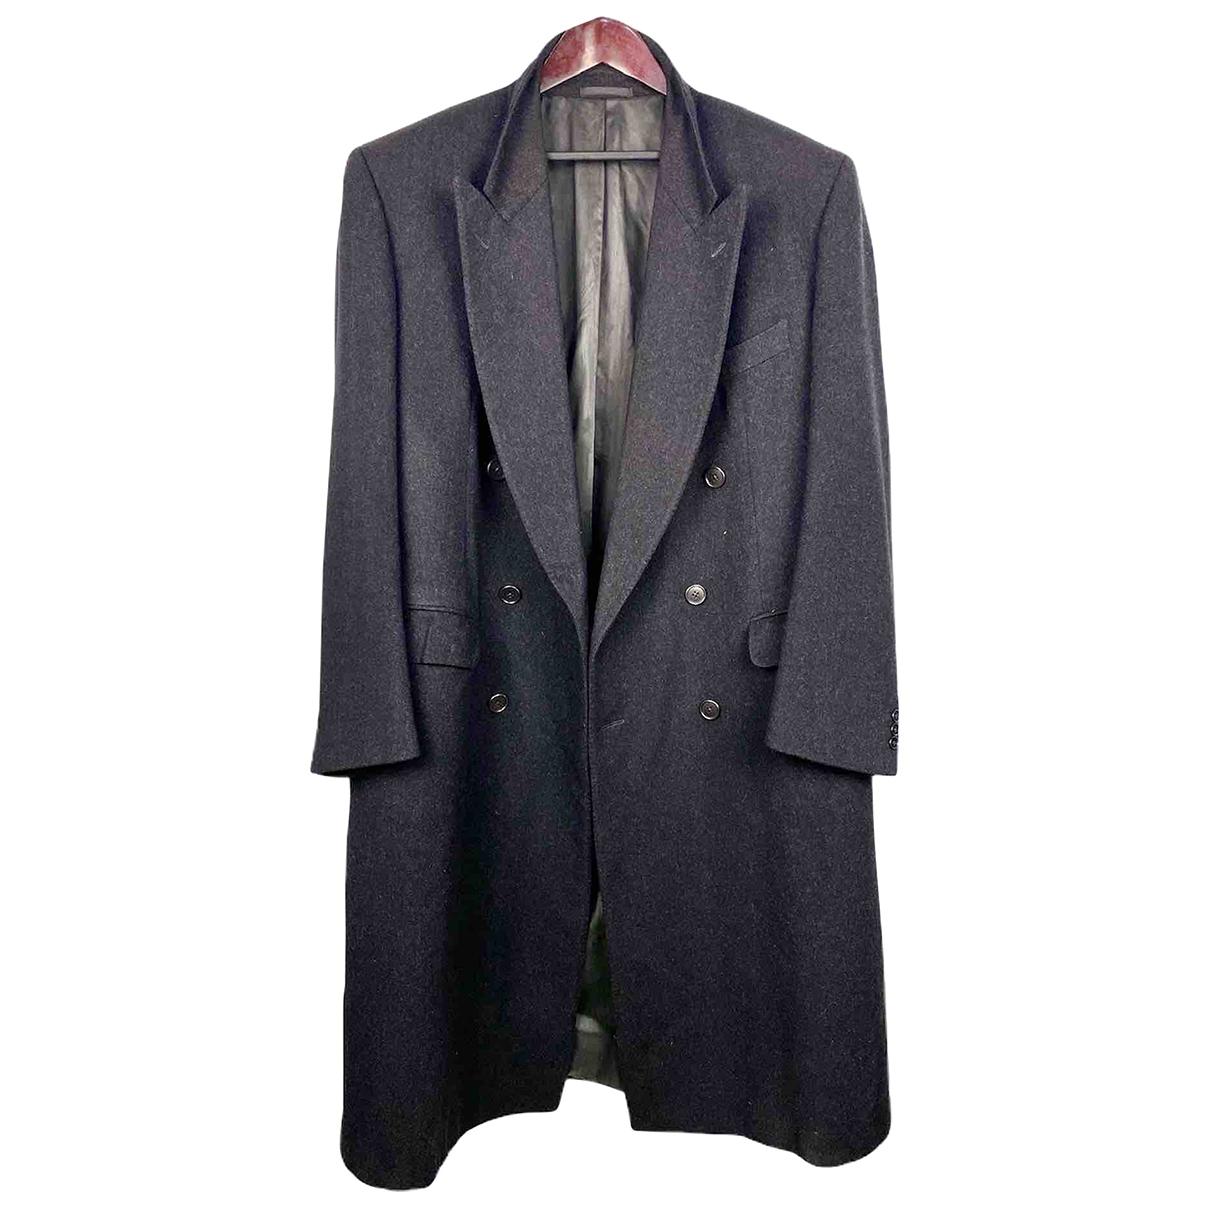 Dior - Manteau   pour homme en laine - gris